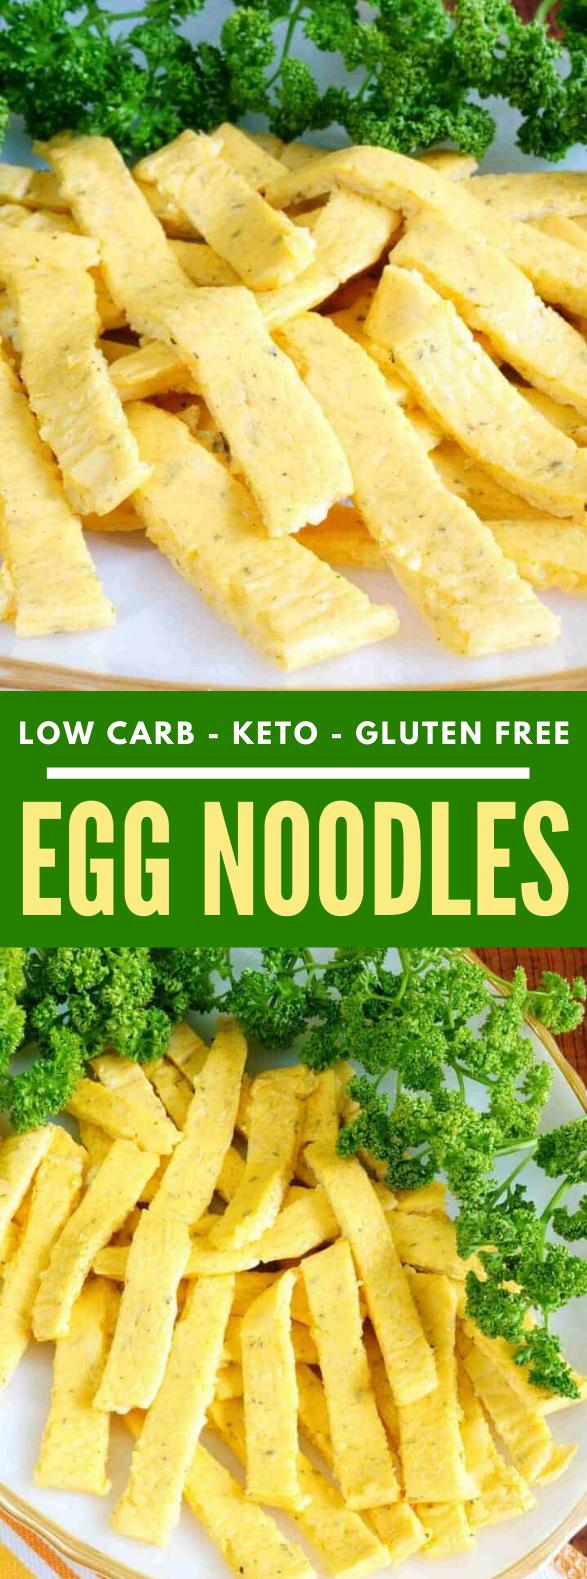 Keto Noodles – Low Carb Egg Noodles #diet #healthy